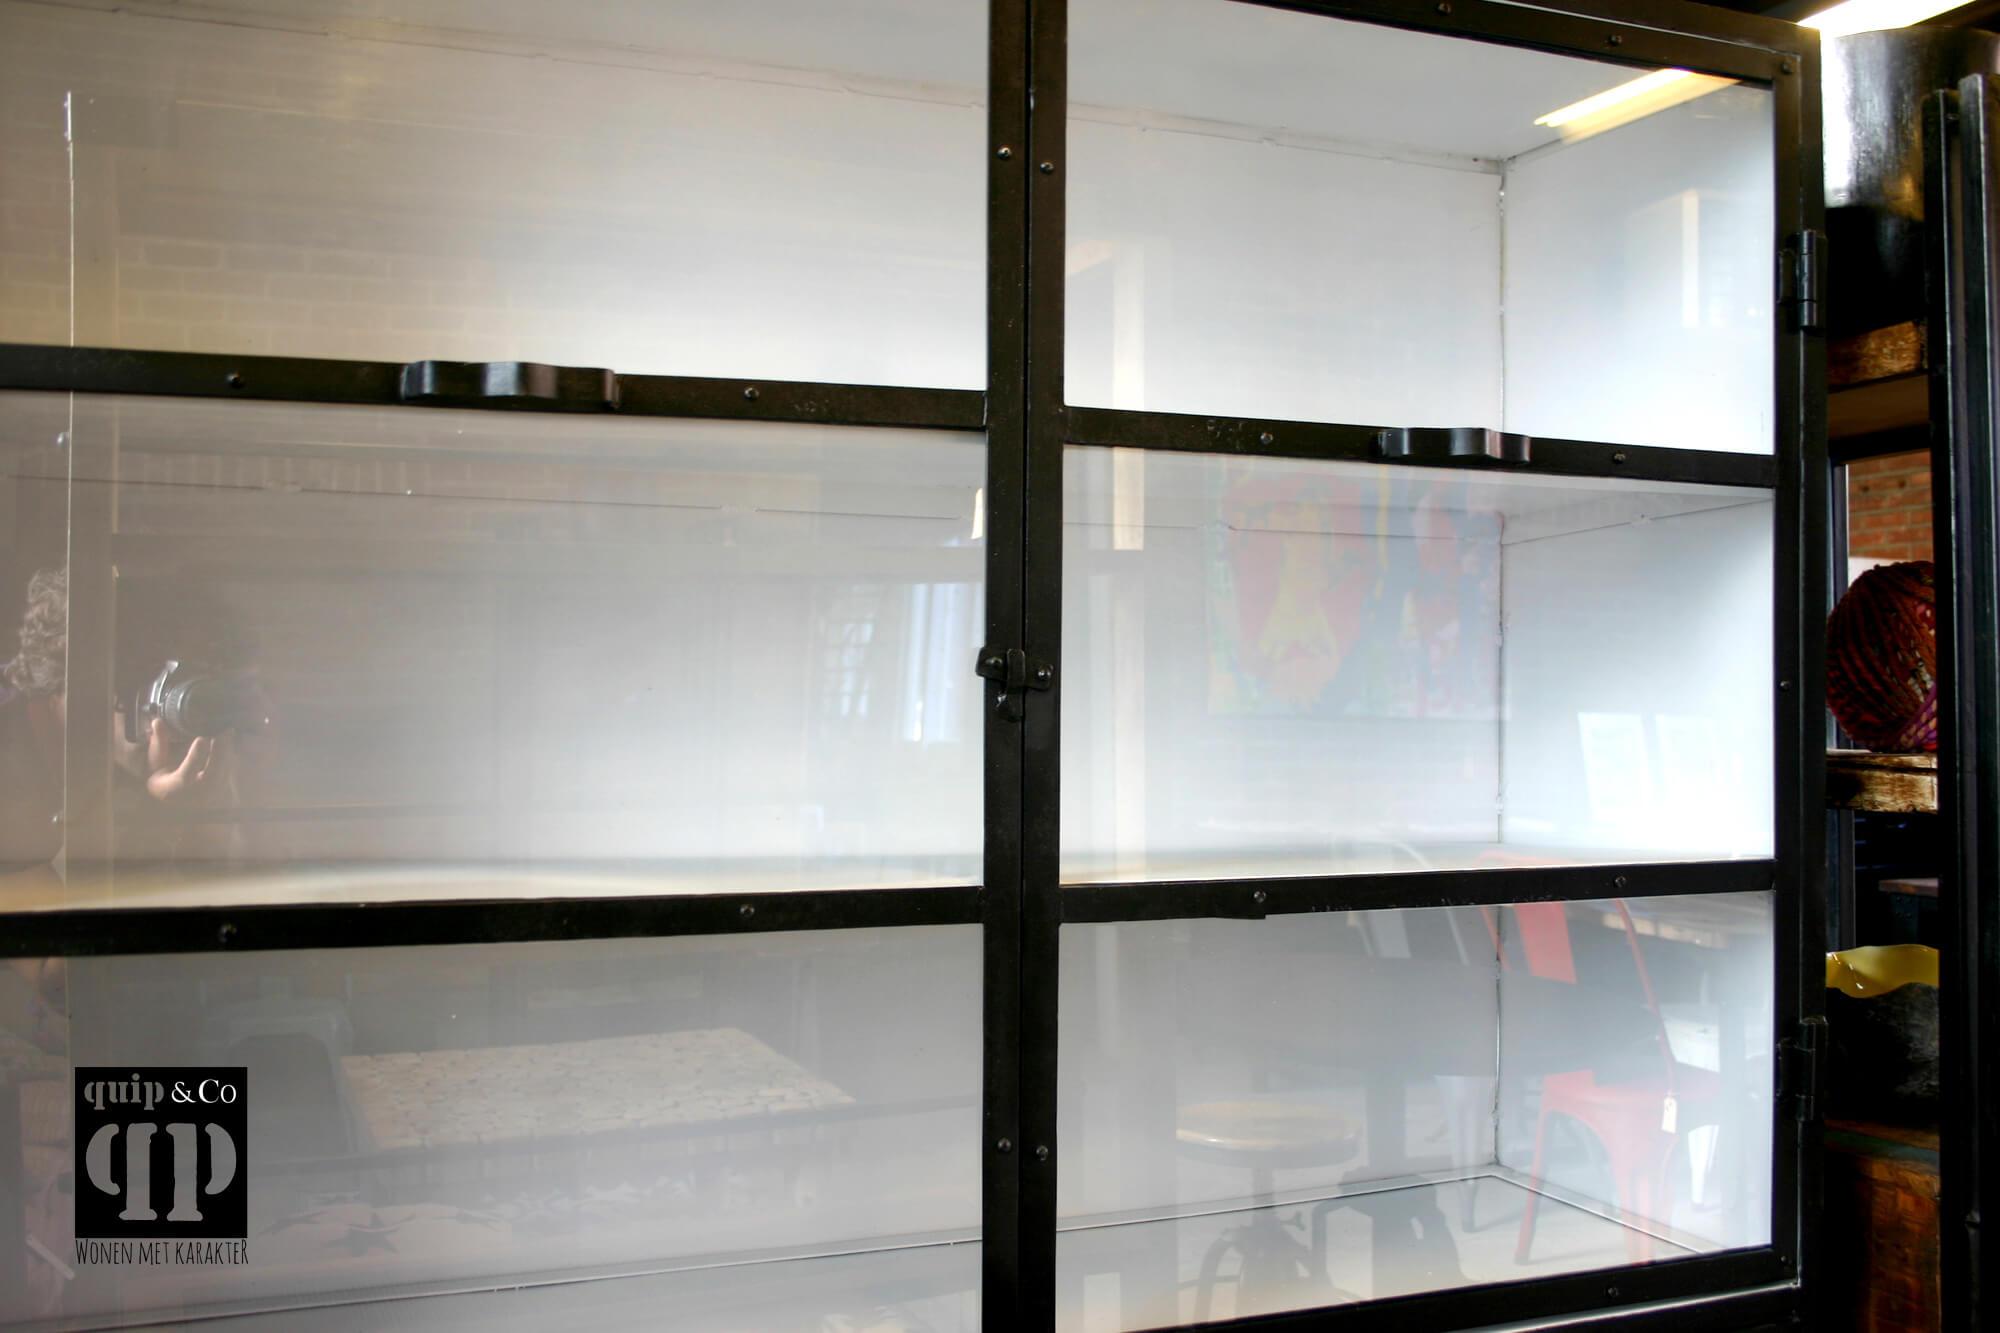 Industriele Kast Met Glas.Grote Industriele Kast Met Vier Vitrinedeurtjes Van Quip Co